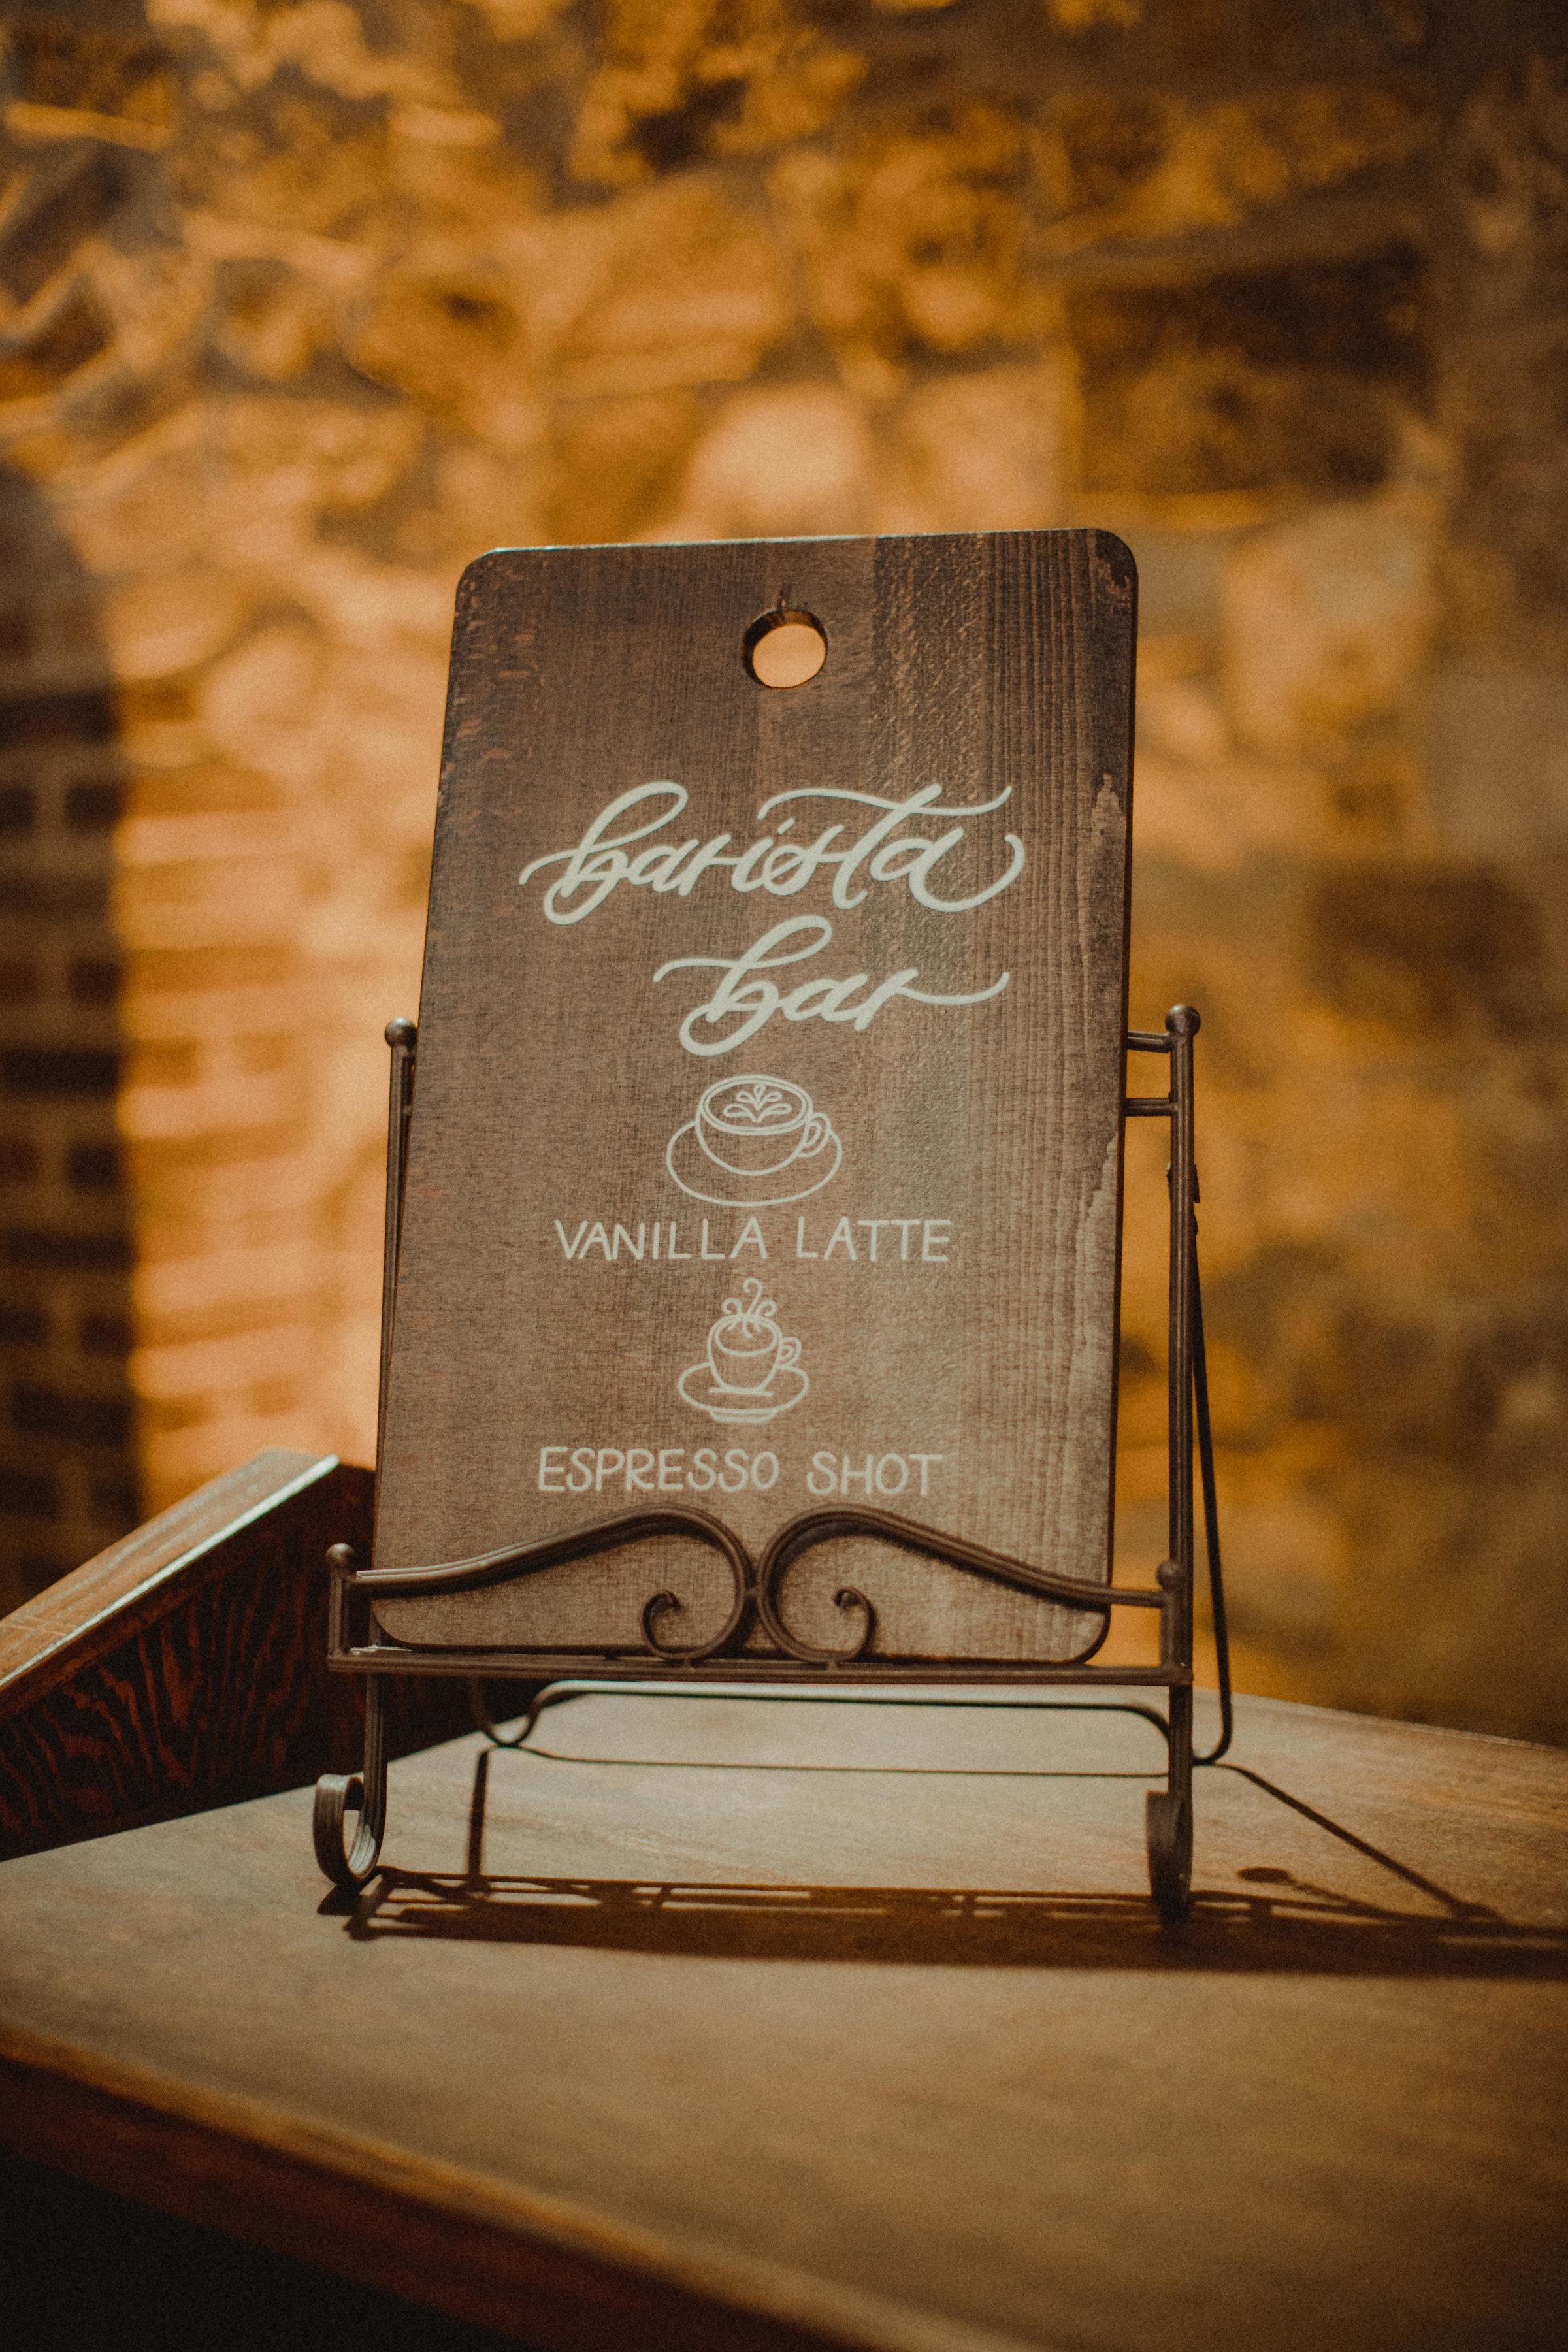 Barista Bar including Vanilla Lattes and Espresso Shots